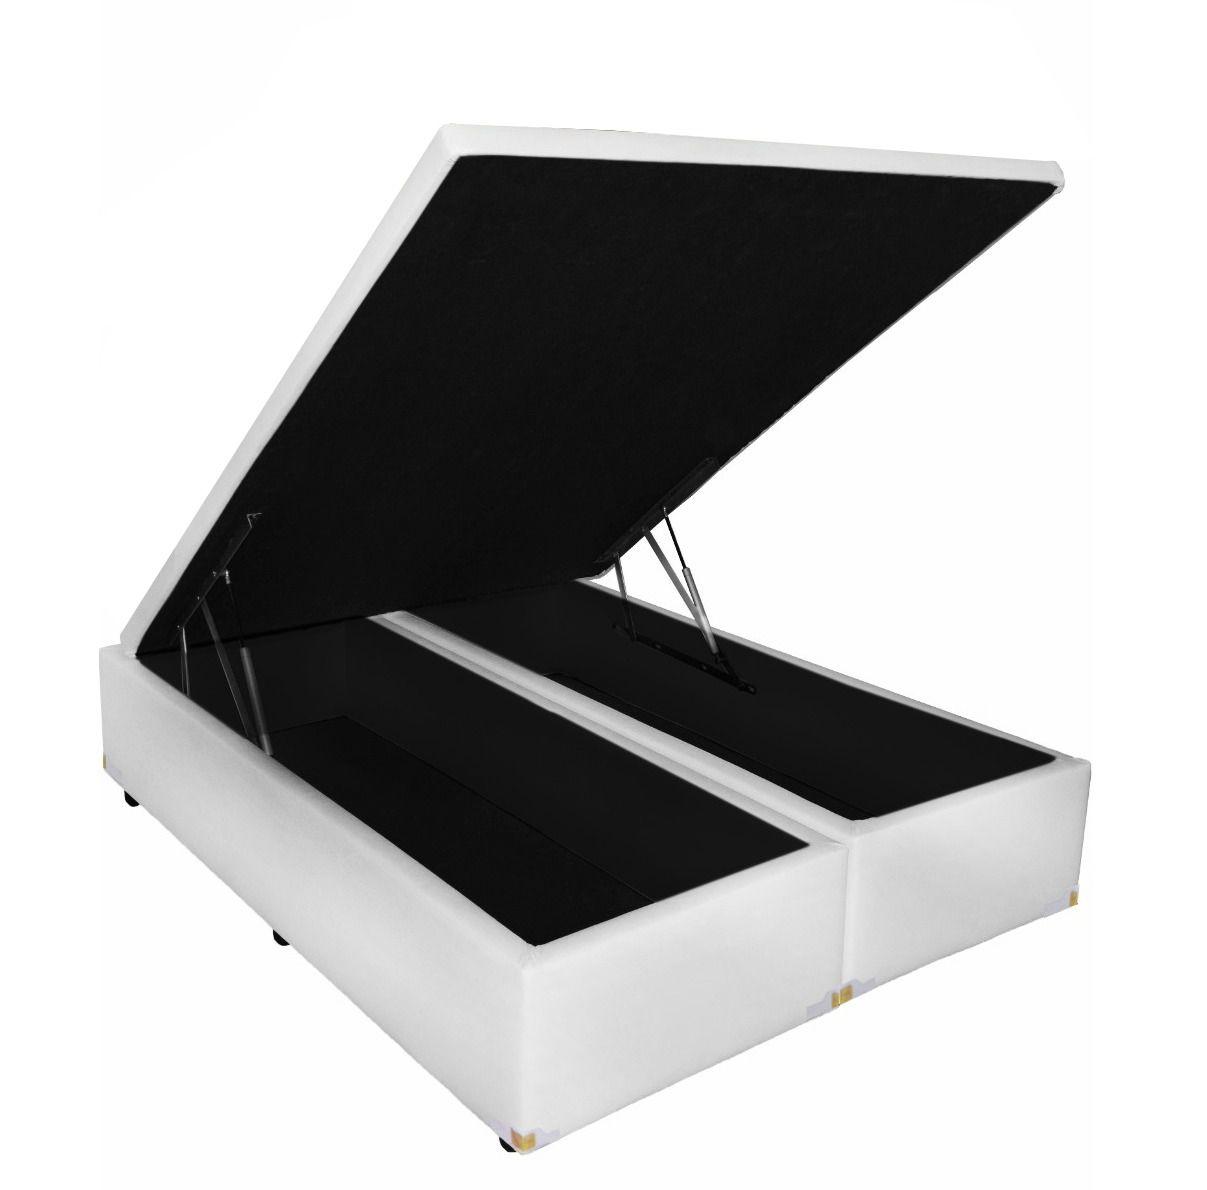 Cama Box Baú Bipartido Queen  1,58 x 1,98 x 0,40 Premium Corino ( Várias Cores)